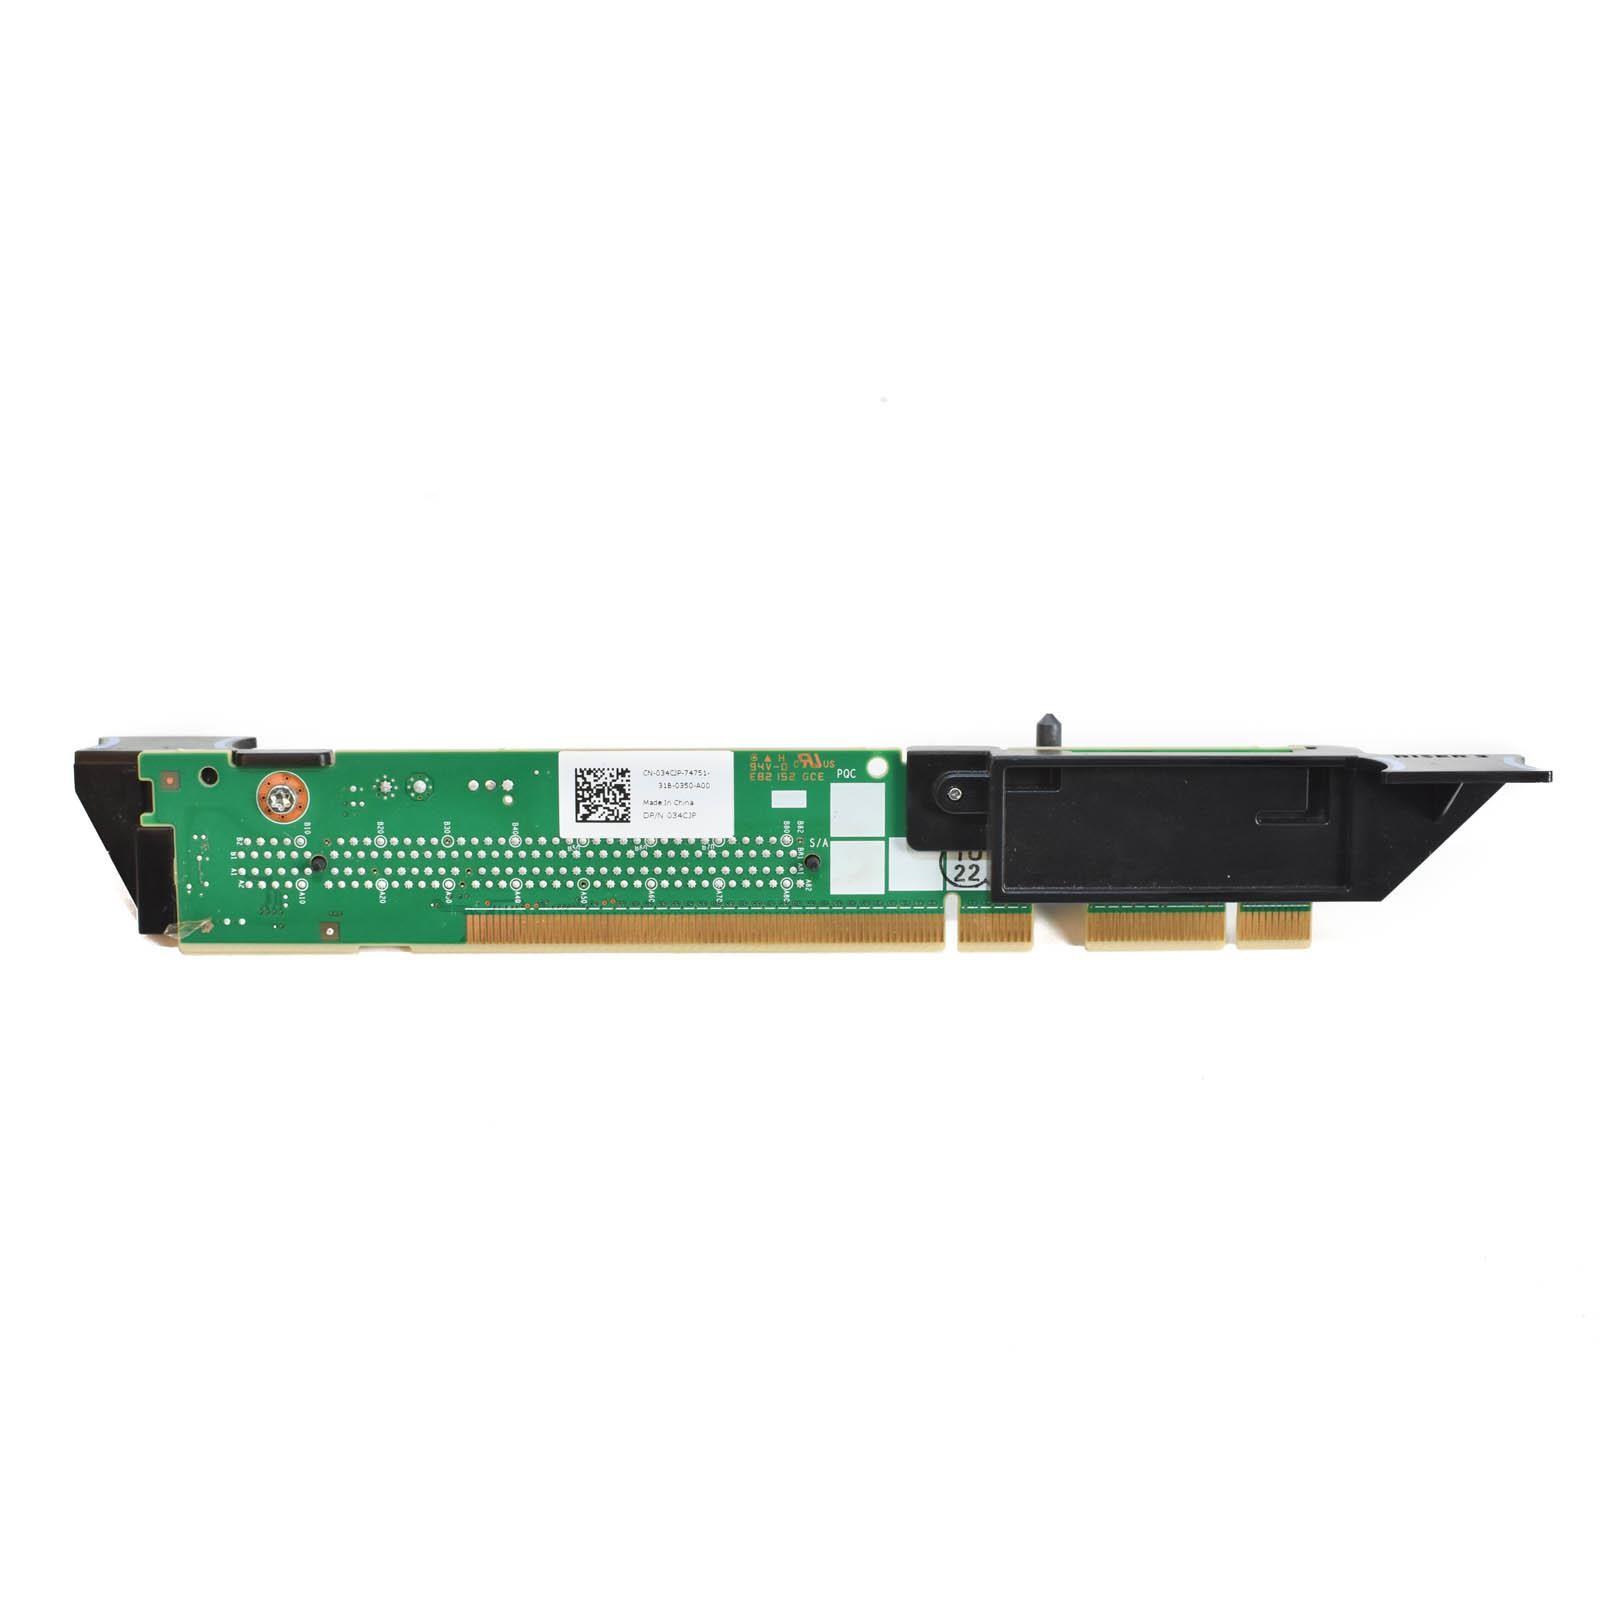 Dell 34CJP Riser 3 PCI-e Riser Card for PowerEdge R620 Server